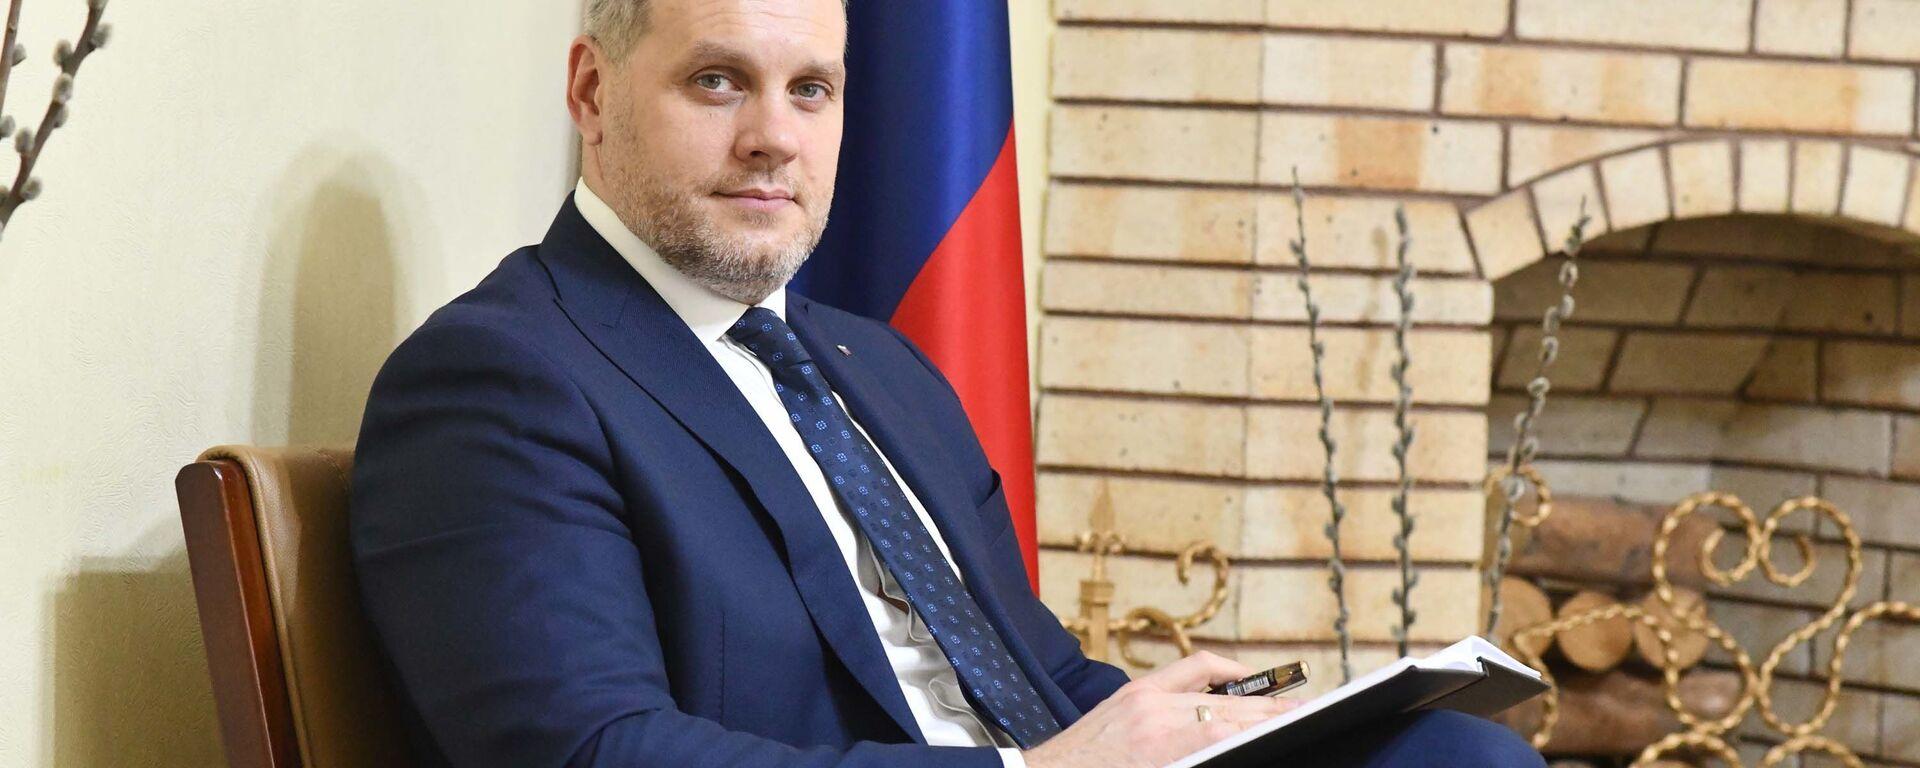 Евгений Кореньков торговый представитель РФ в РТ - Sputnik Таджикистан, 1920, 14.04.2021